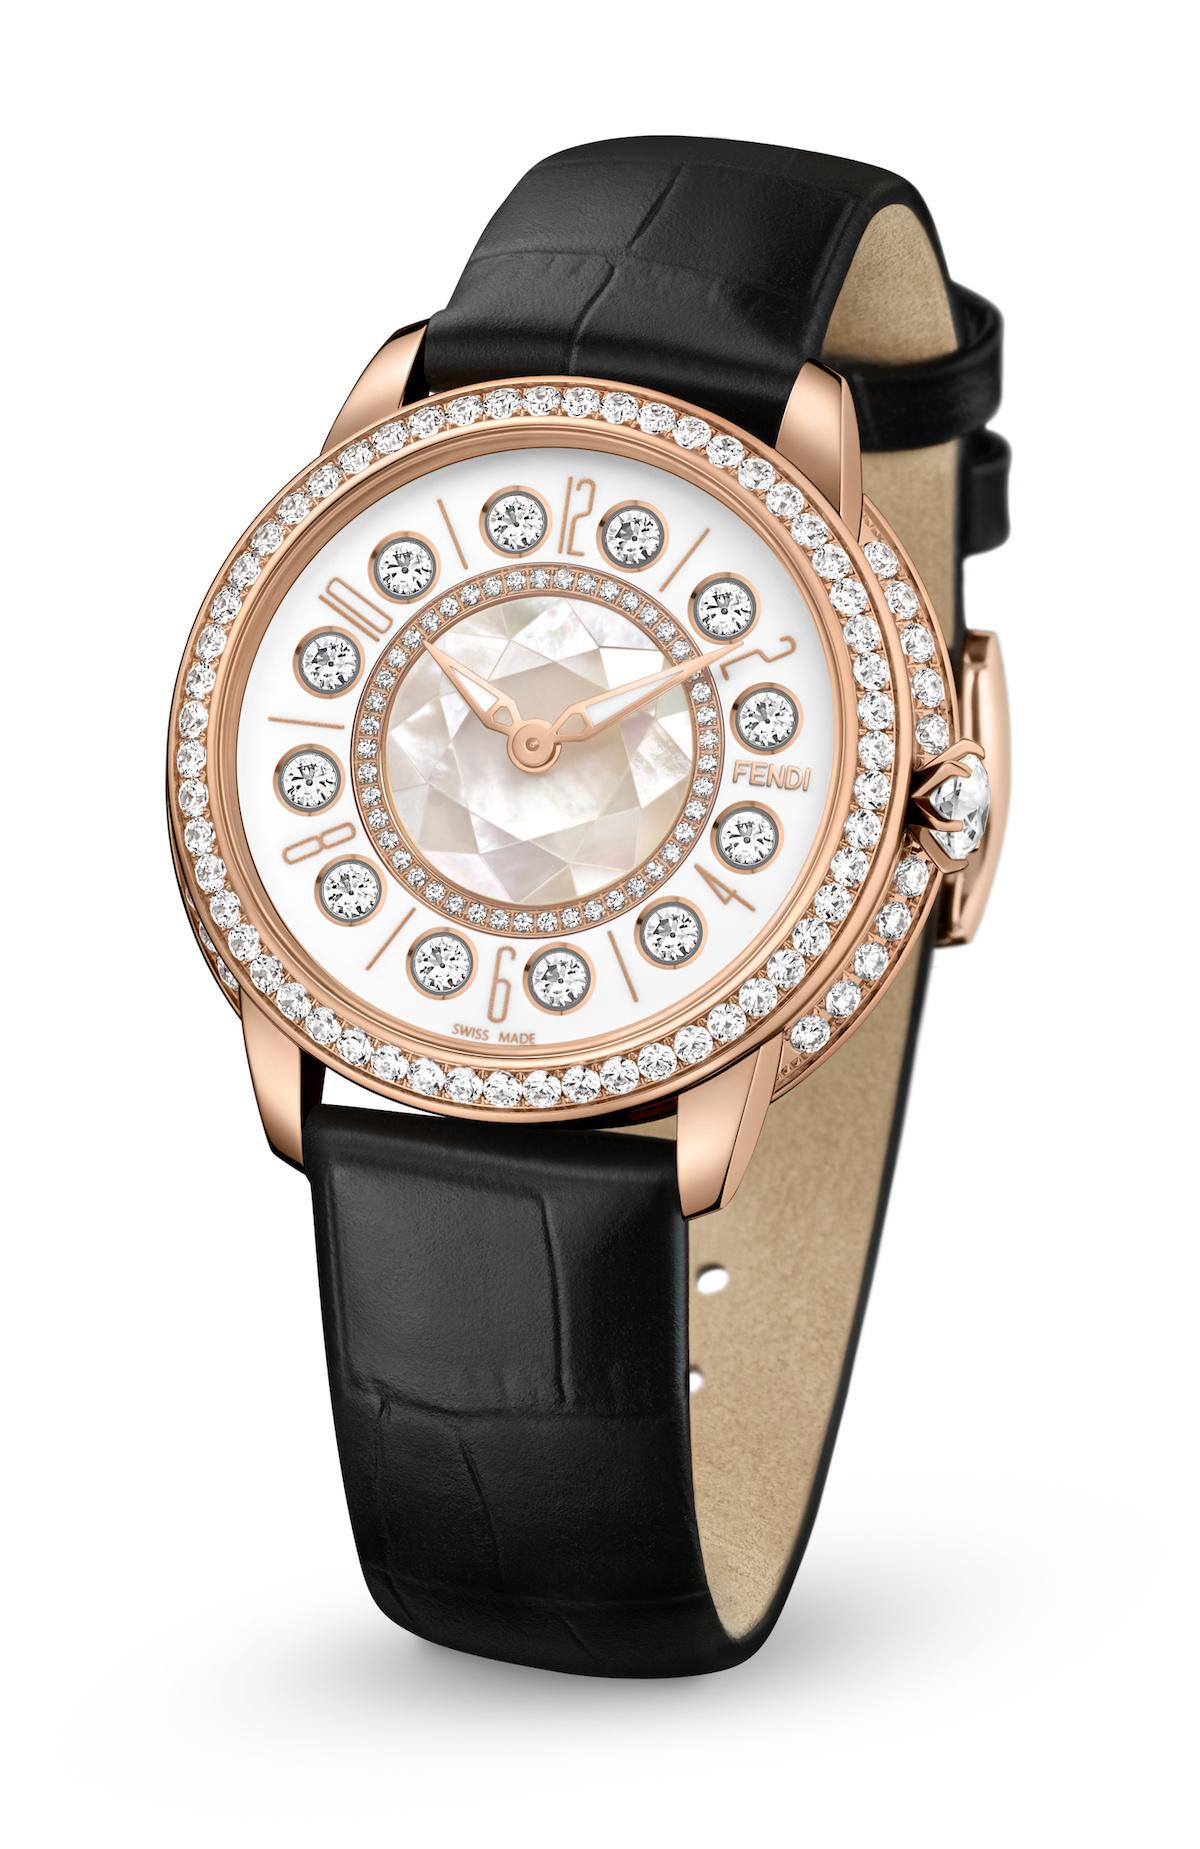 luxusuhr luxusuhren uhrenmodelle schweiz schweizer-luxusuhren limited edition limitiert